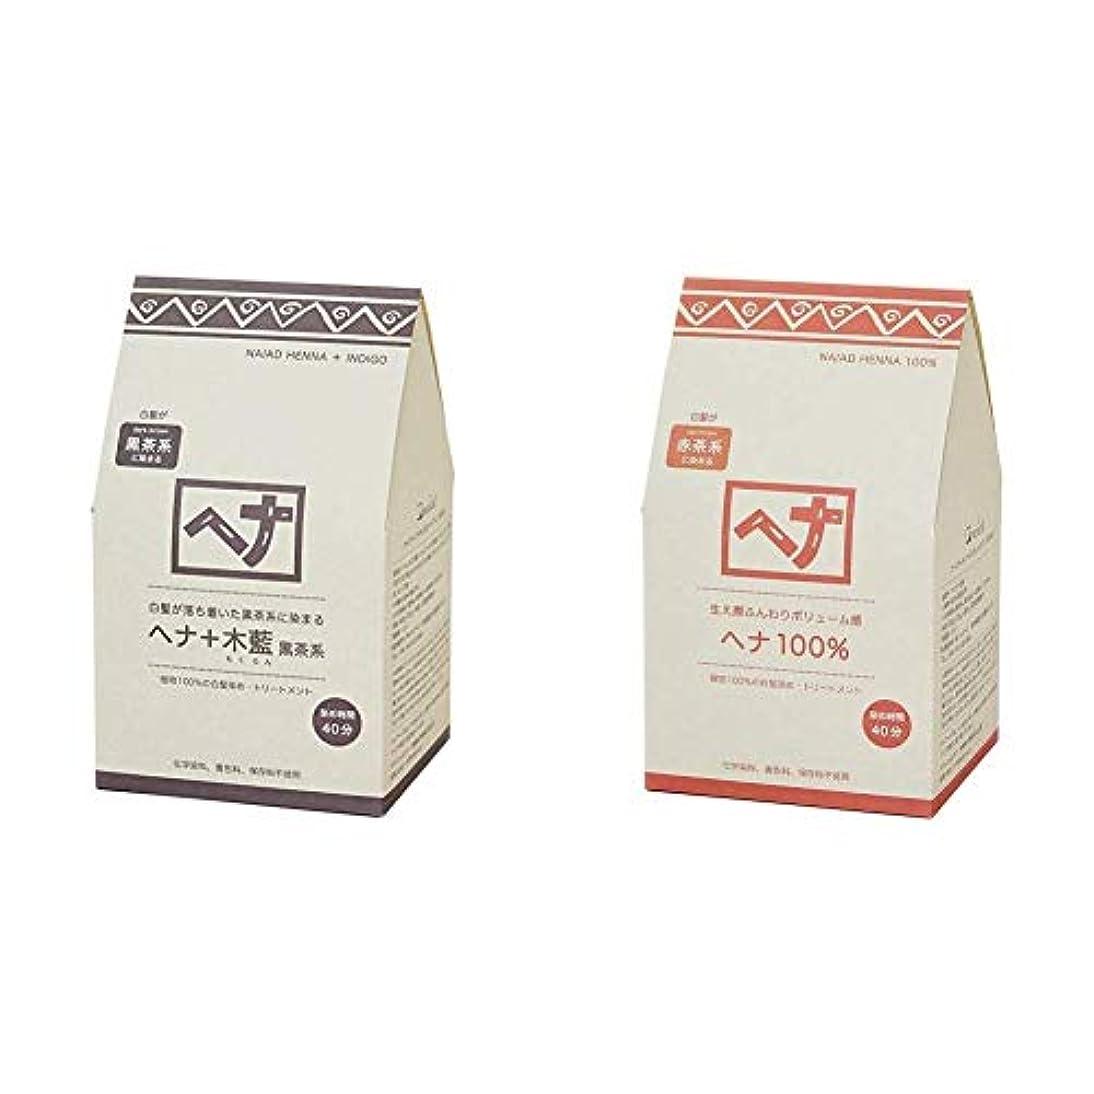 スクリーチ有名人密Naiad(ナイアード) ヘナ+木藍 黒茶系 400g & ヘナ 100% 400g